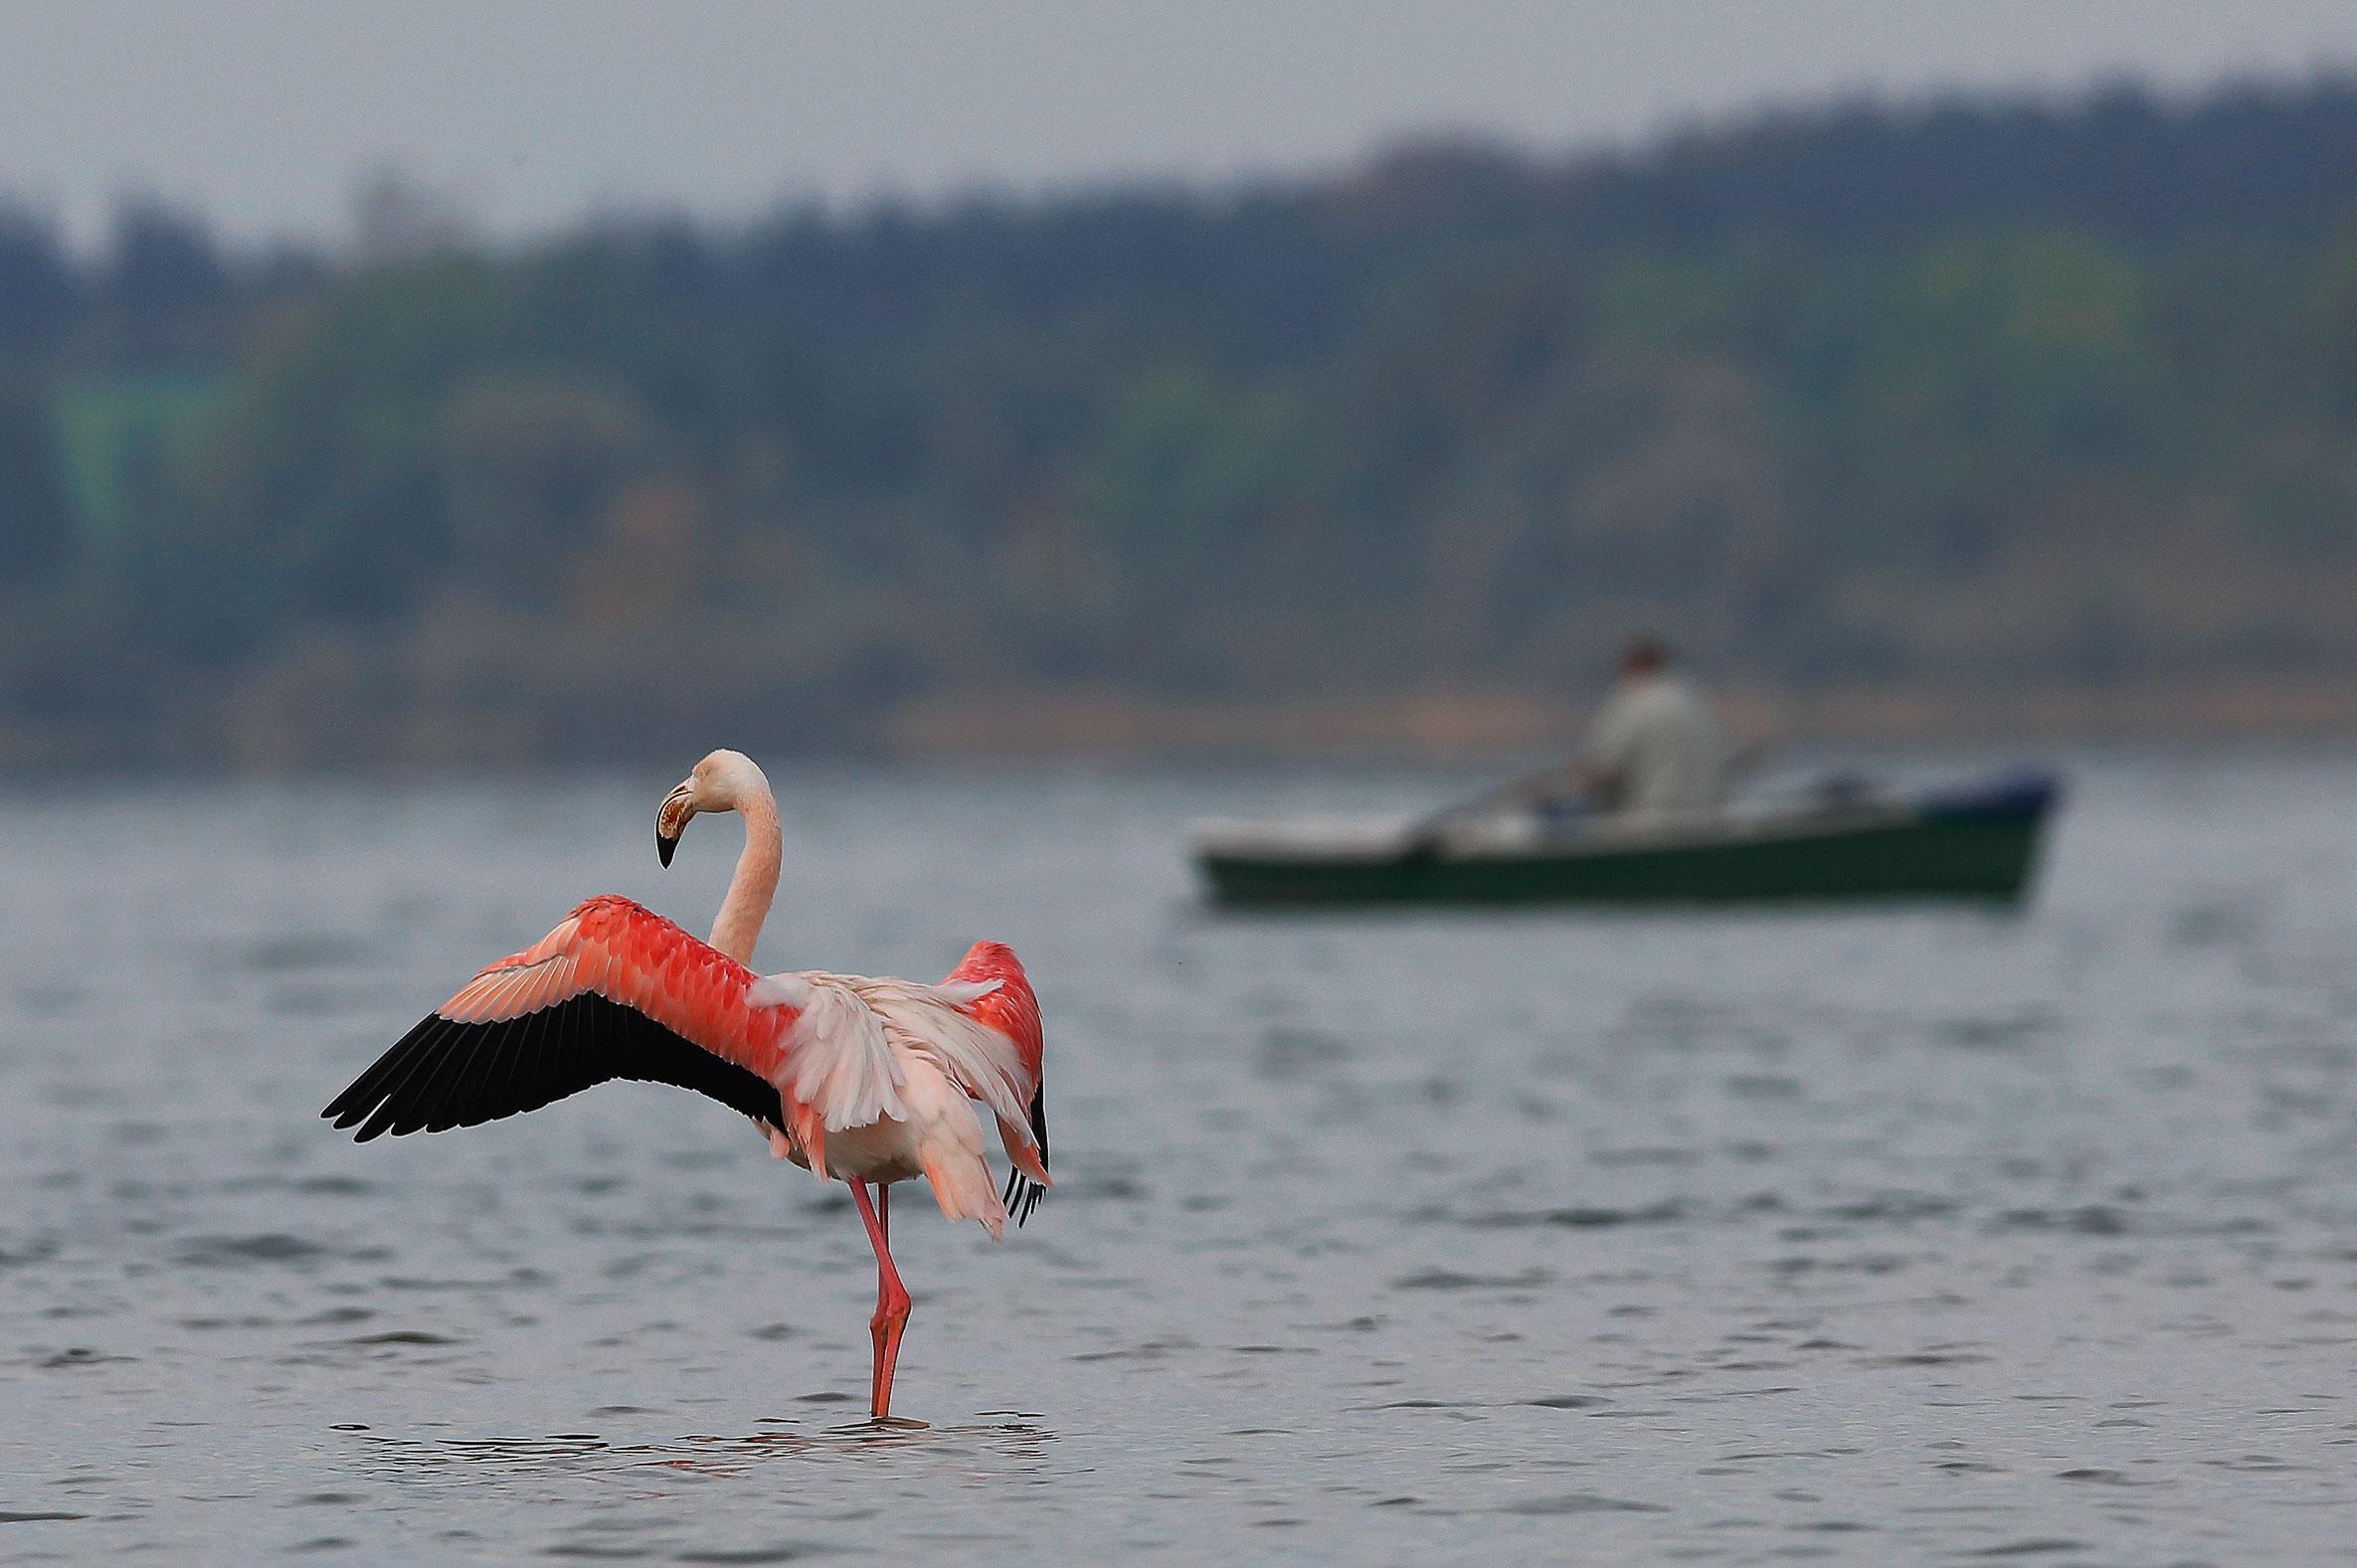 Vogelbeobachtungs-Wanderung und Fotografie